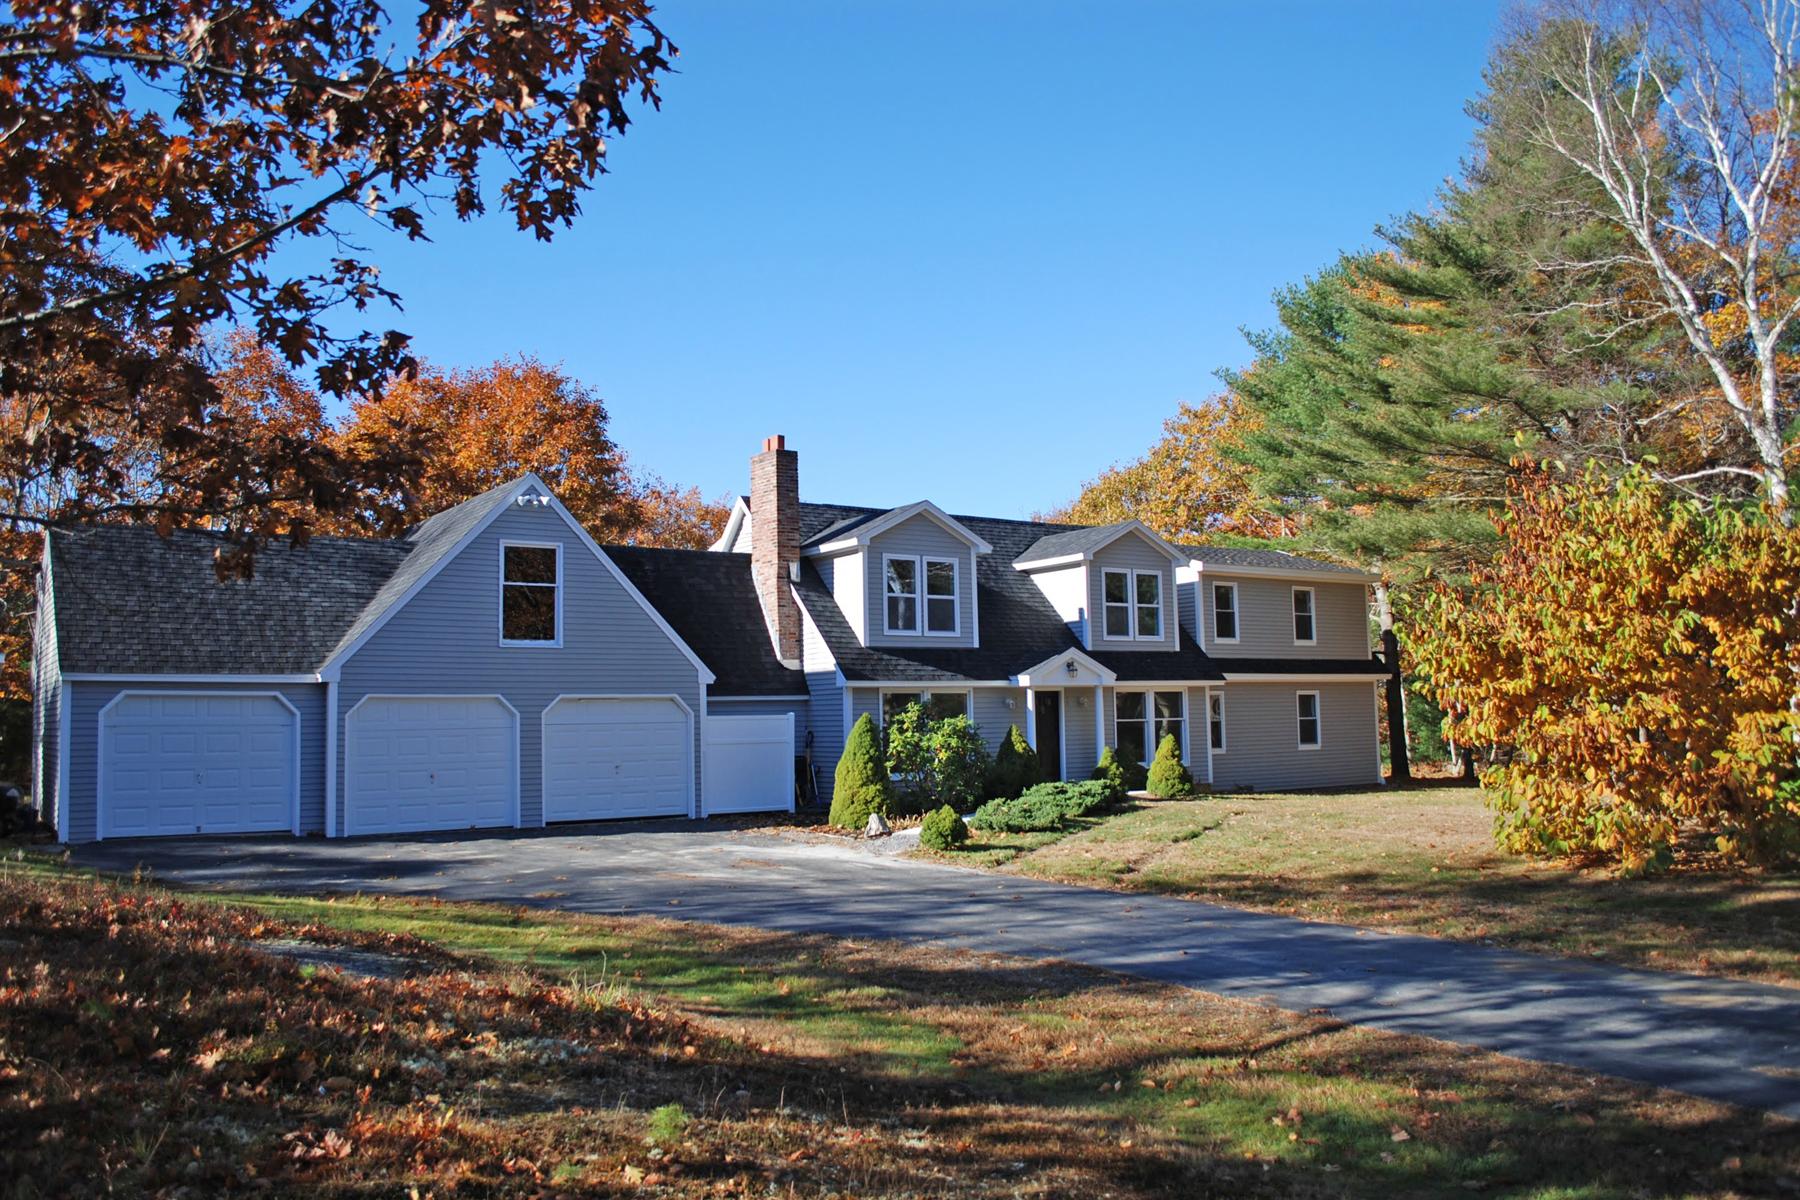 独户住宅 为 销售 在 Rock Ledge Drive 25 Rock Ledge Drive 非普斯堡, 缅因州 04562 美国